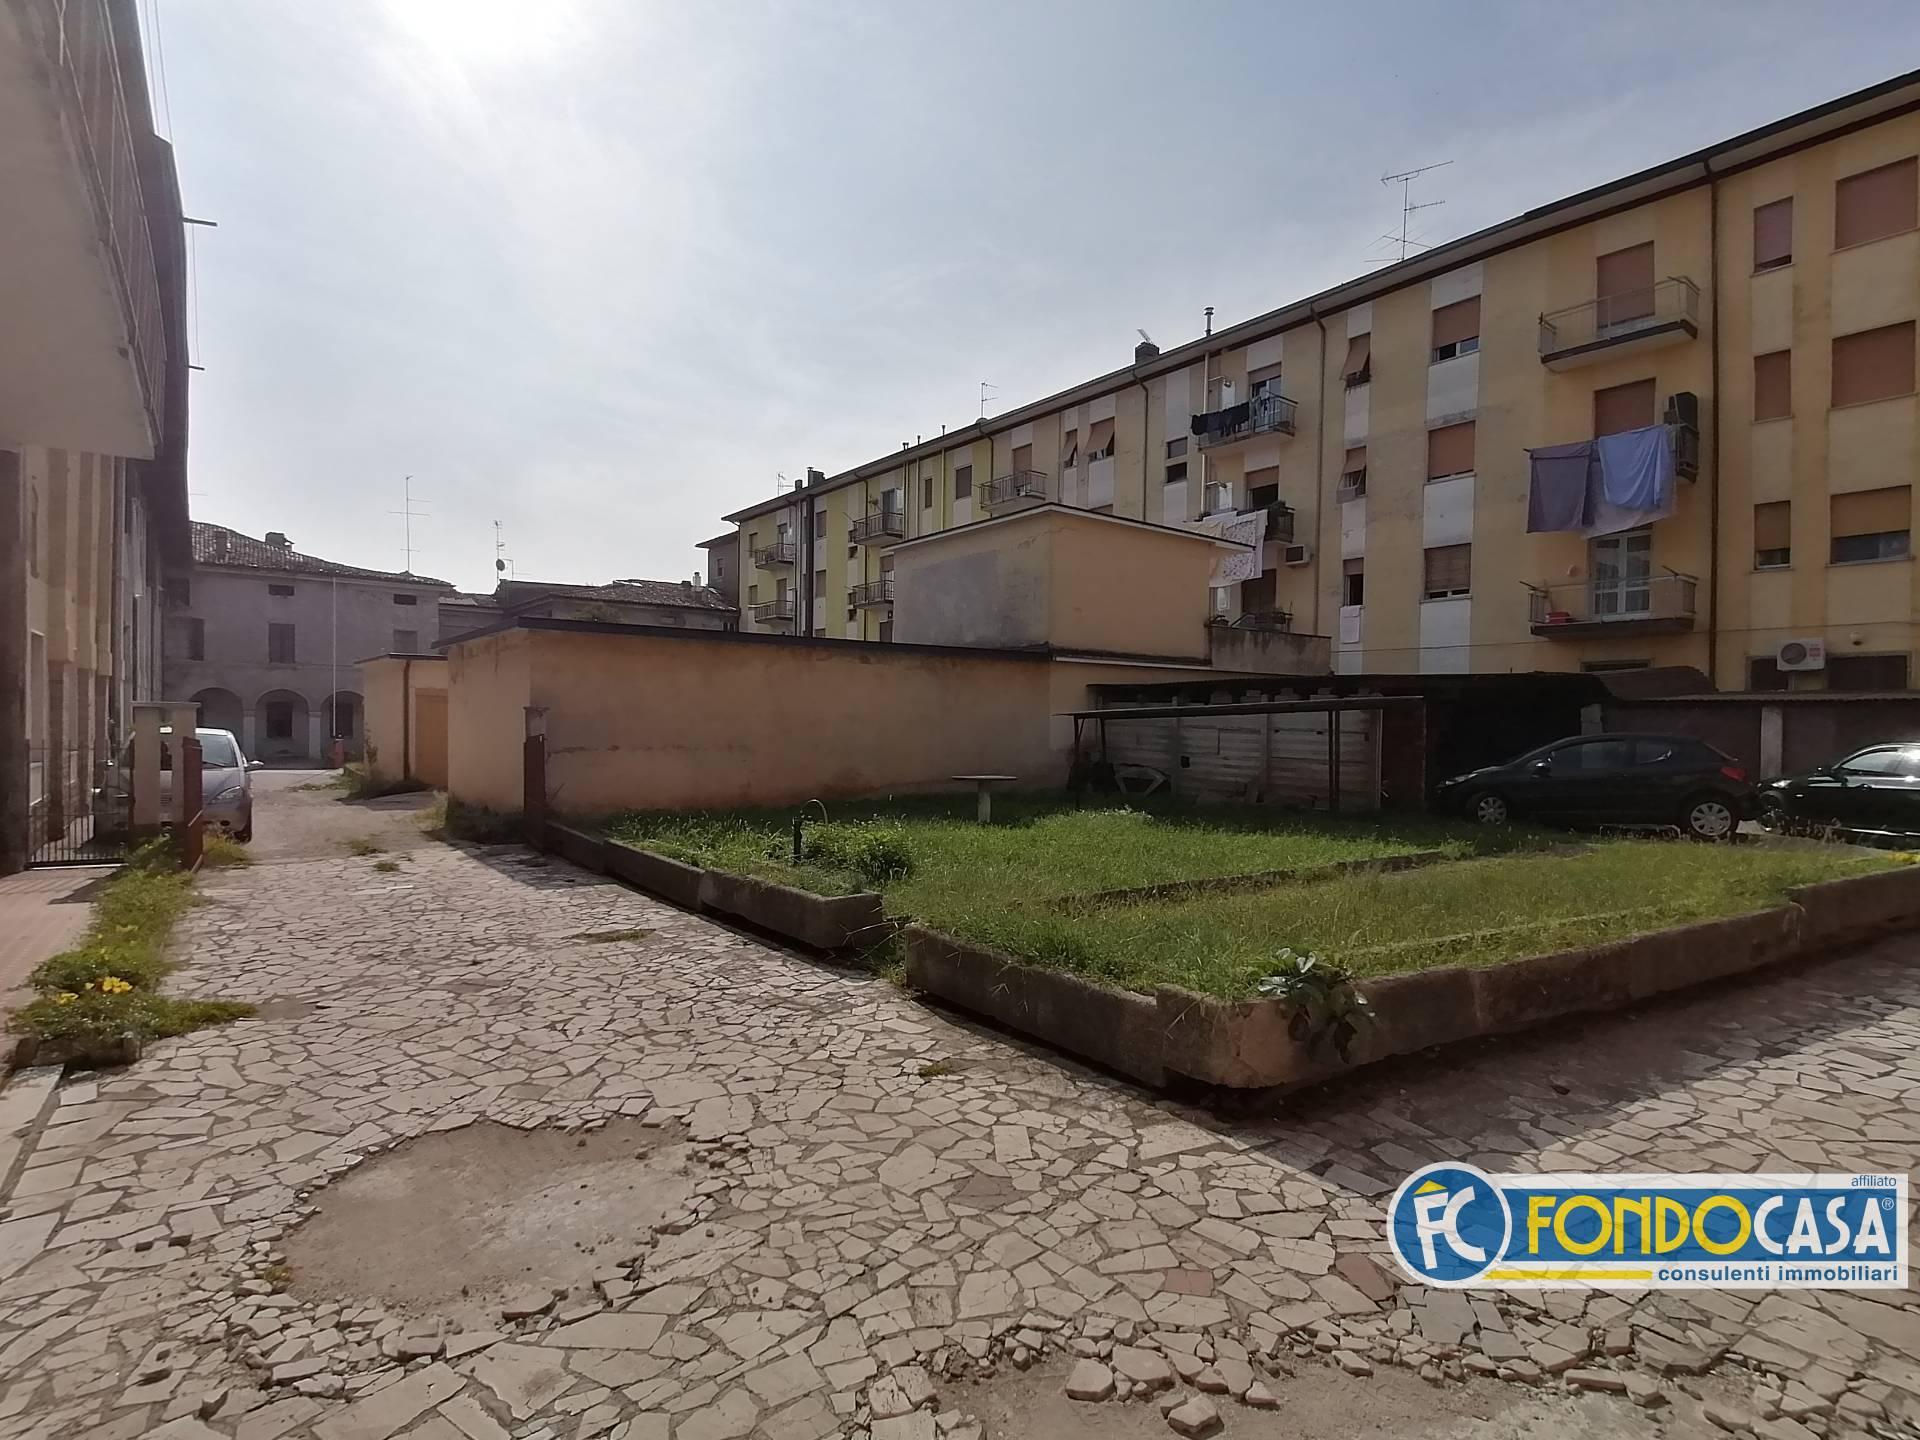 Appartamento in vendita a Bedizzole, 2 locali, prezzo € 36.500 | CambioCasa.it